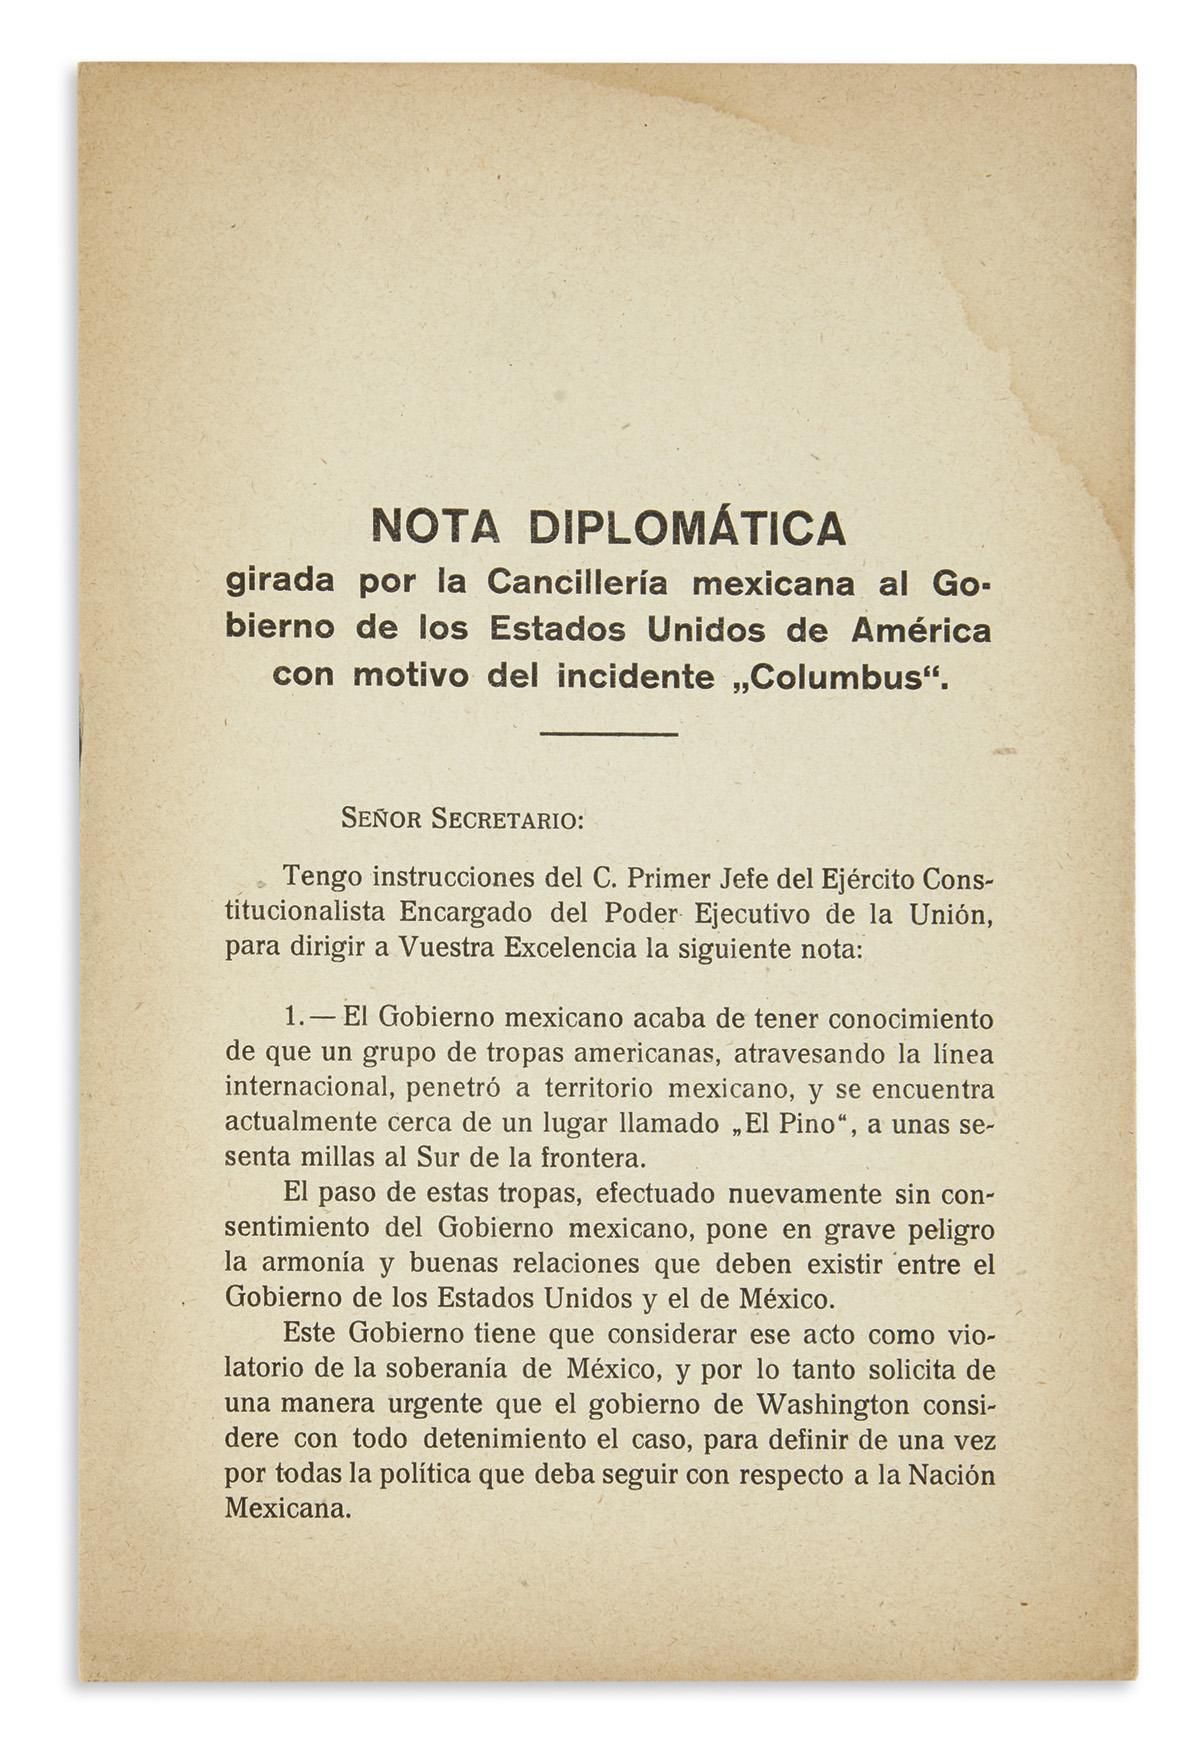 (MEXICO)-Nota-diplomática-girada-por-la-Cancillería-Mexicana